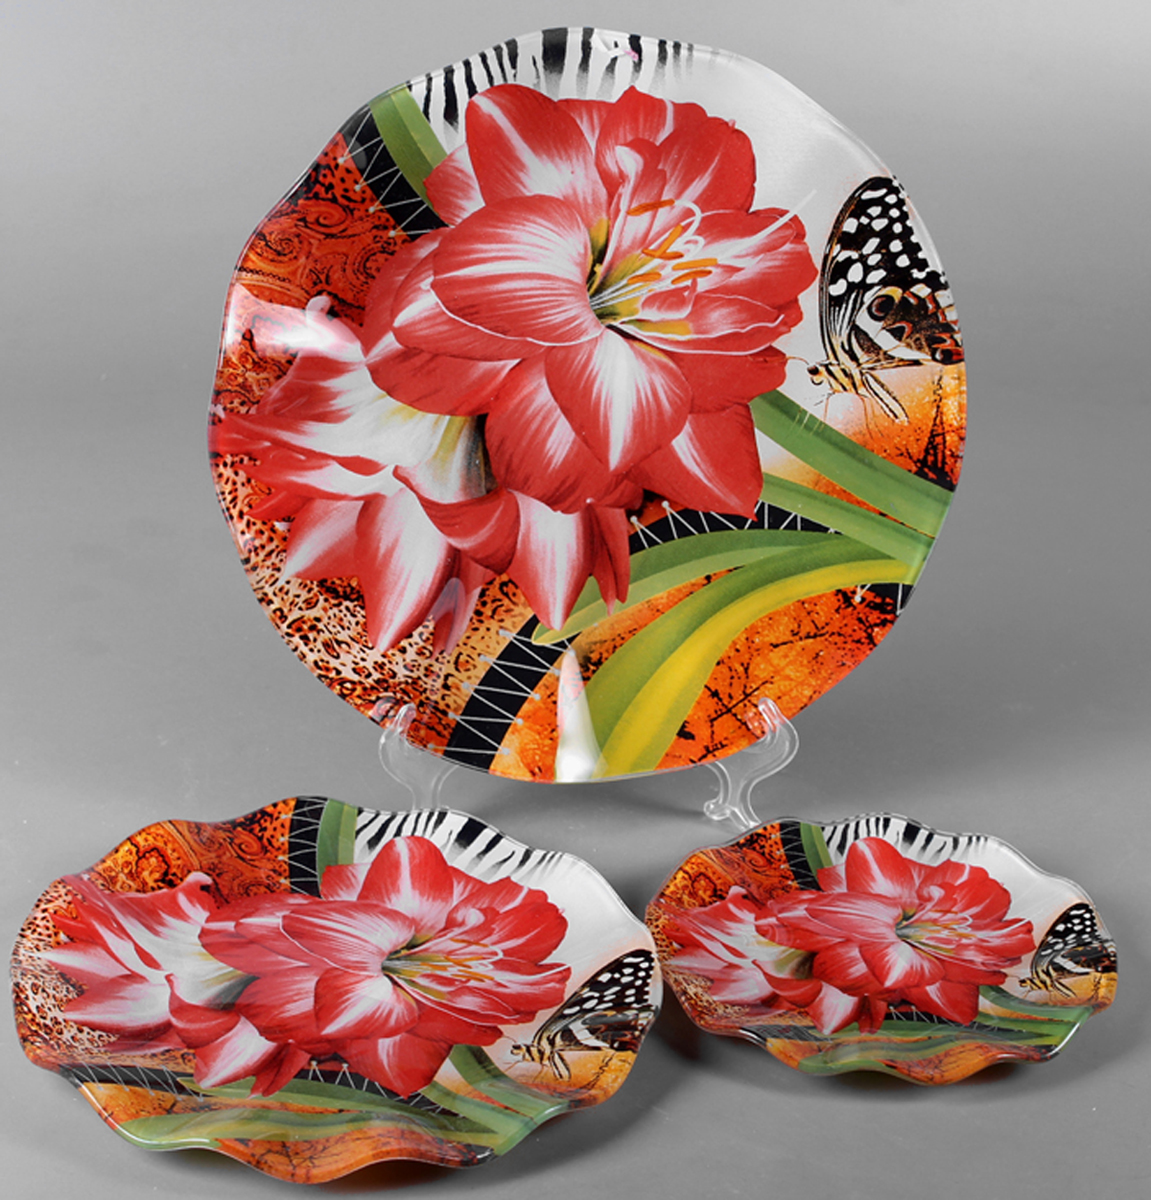 Набор блюд Olaff Цветы, 3 предмета. ZY-MD-TSYB-794ZY-MD-TSYB-794Набор Olaff Цветы состоит из трех круглых блюд разного диаметра. Блюдо, изготовленное из высококачественного стекла, оформлено рельефным краем и красочным изображением цветов. Такое блюдо сочетает в себе изысканный дизайн с максимальной функциональностью. Оригинальность оформления придется по вкусу тем, кто предпочитает утонченность и изящность. Красивое блюдо украсит сервировку вашего стола и подчеркнет прекрасный вкус хозяйки, а также станет отличным подарком.Набор: 3 круглых блюда.Диаметр: 16 см, 21 см, 26 см.